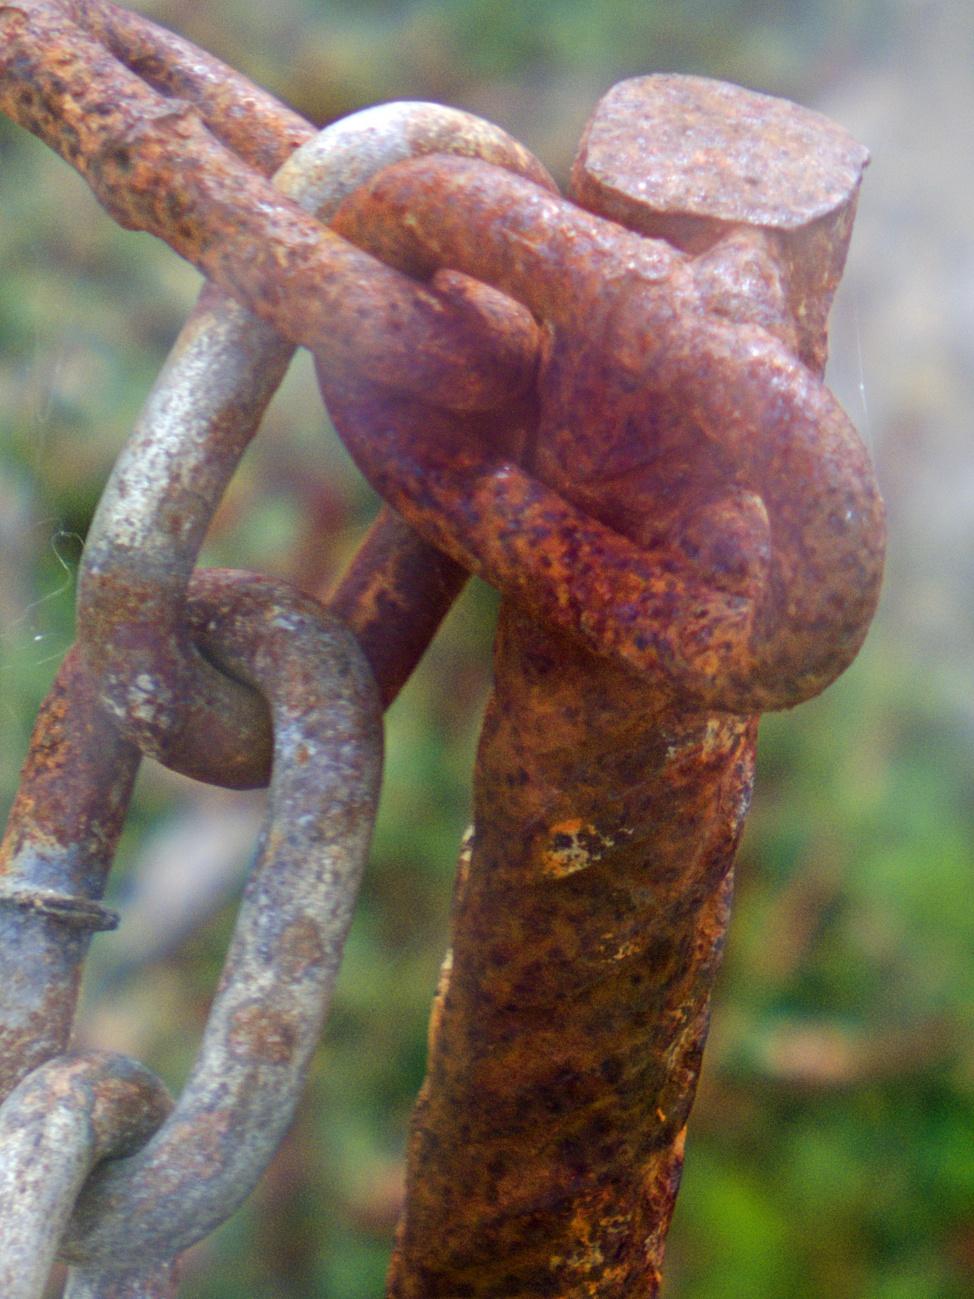 Vollpfosten, Hohlpfosten und Pfosten im Allgemeinen (35) — Rostiges #7 — Es geht noch rostiger